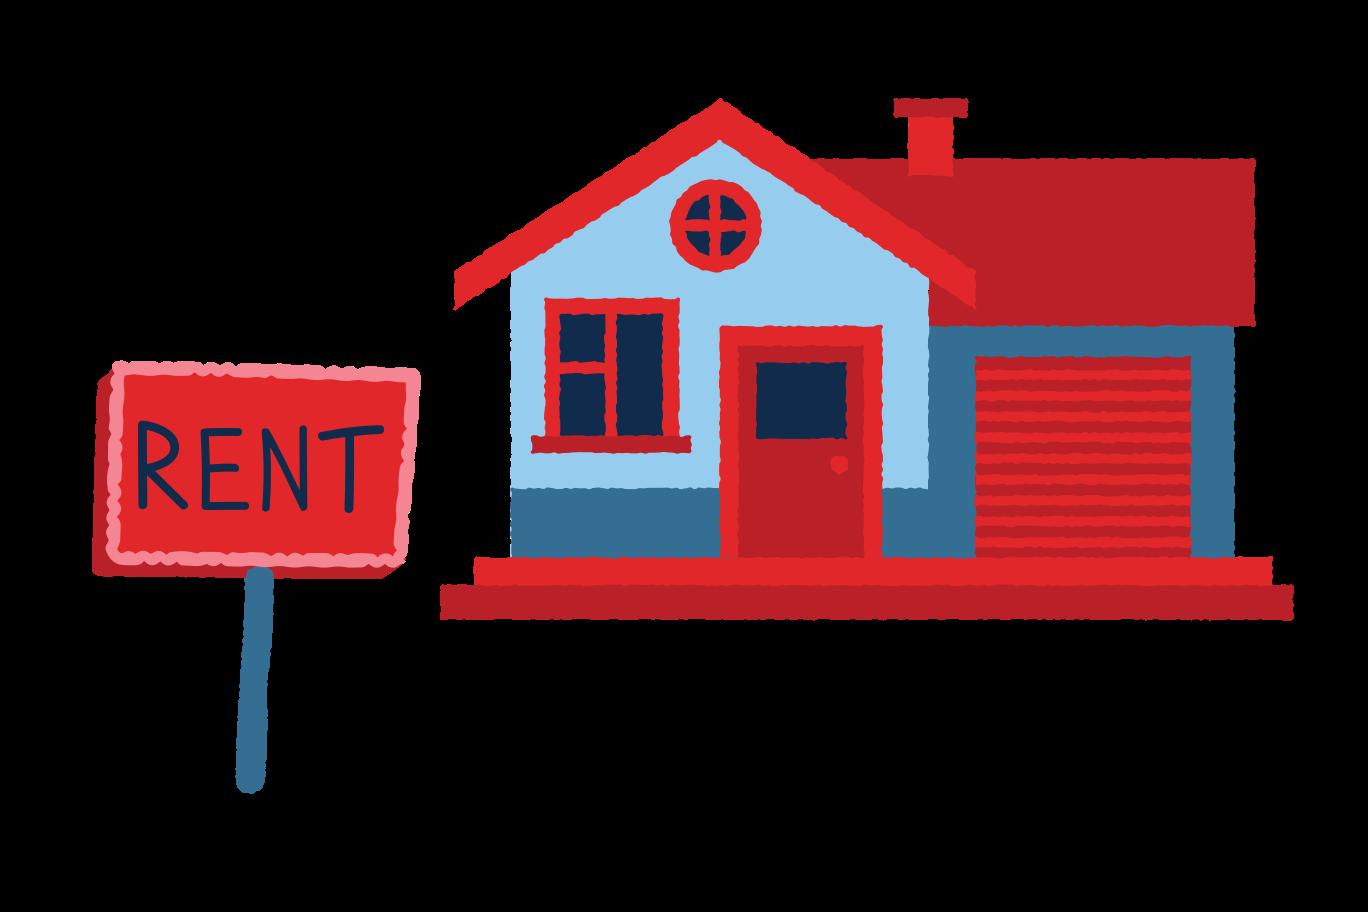 Rent Clipart illustration in PNG, SVG